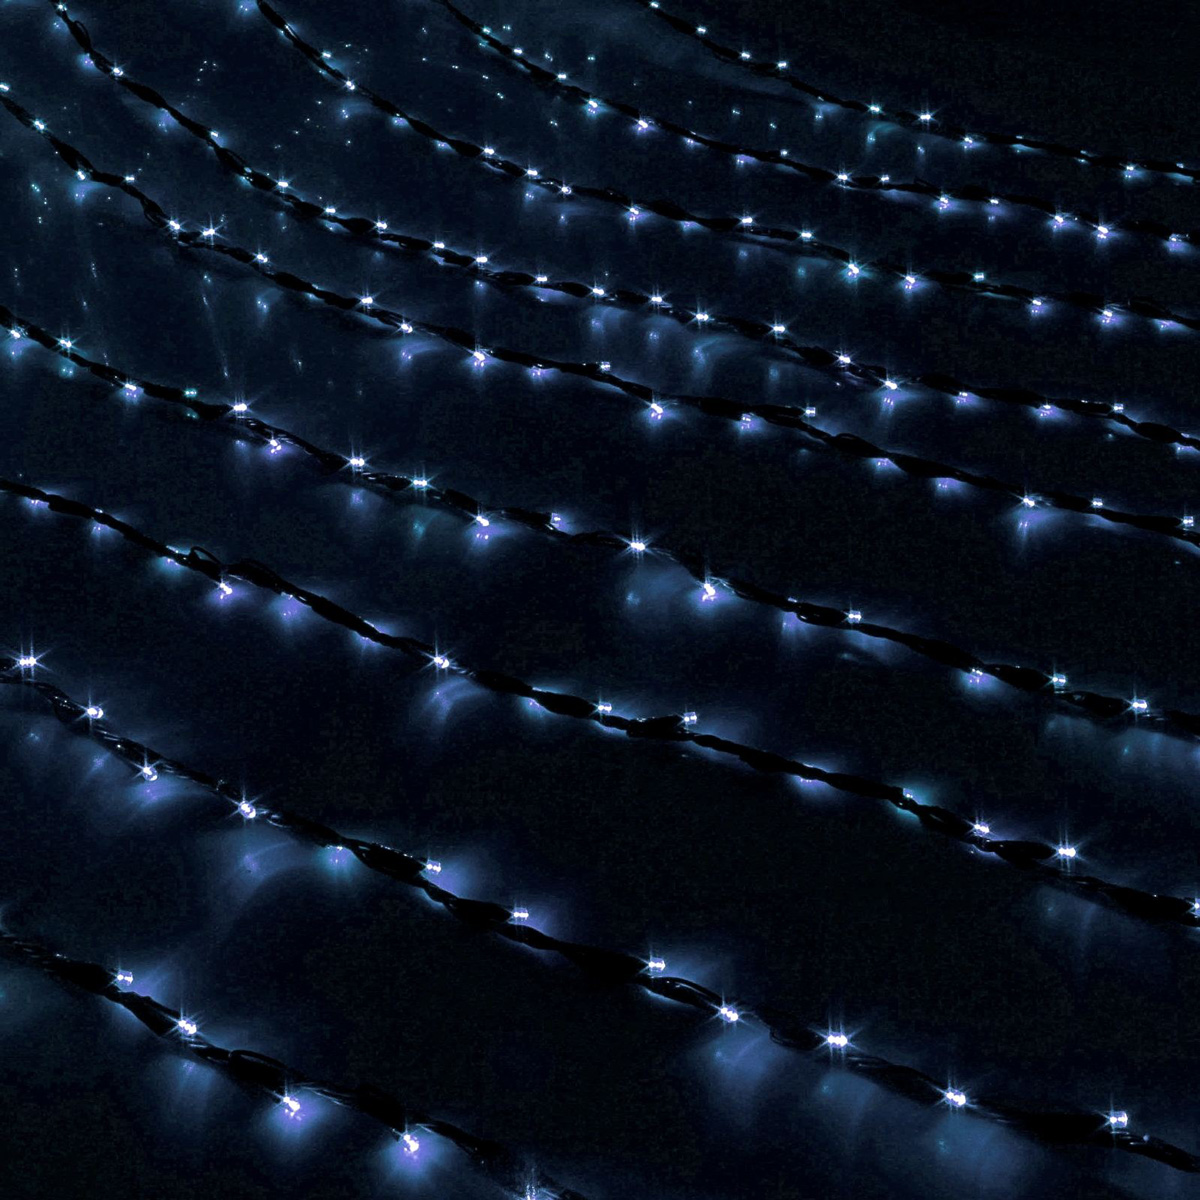 Гирлянда светодиодная Luazon Дождь, уличная, 800 ламп, 220 V, цвет: белый, 2 х 3 м. 187322187322Светодиодные гирлянды, ленты и т.д — это отличный вариант для новогоднего оформления интерьера или фасада. С их помощью помещение любого размера можно превратить в праздничный зал, а внешние элементы зданий, украшенные ими, мгновенно станут напоминать очертания сказочного дворца. Такие украшения создают ауру предвкушения чуда. Деревья, фасады, витрины, окна и арки будто специально созданы, чтобы вы украсили их светящимися нитями.